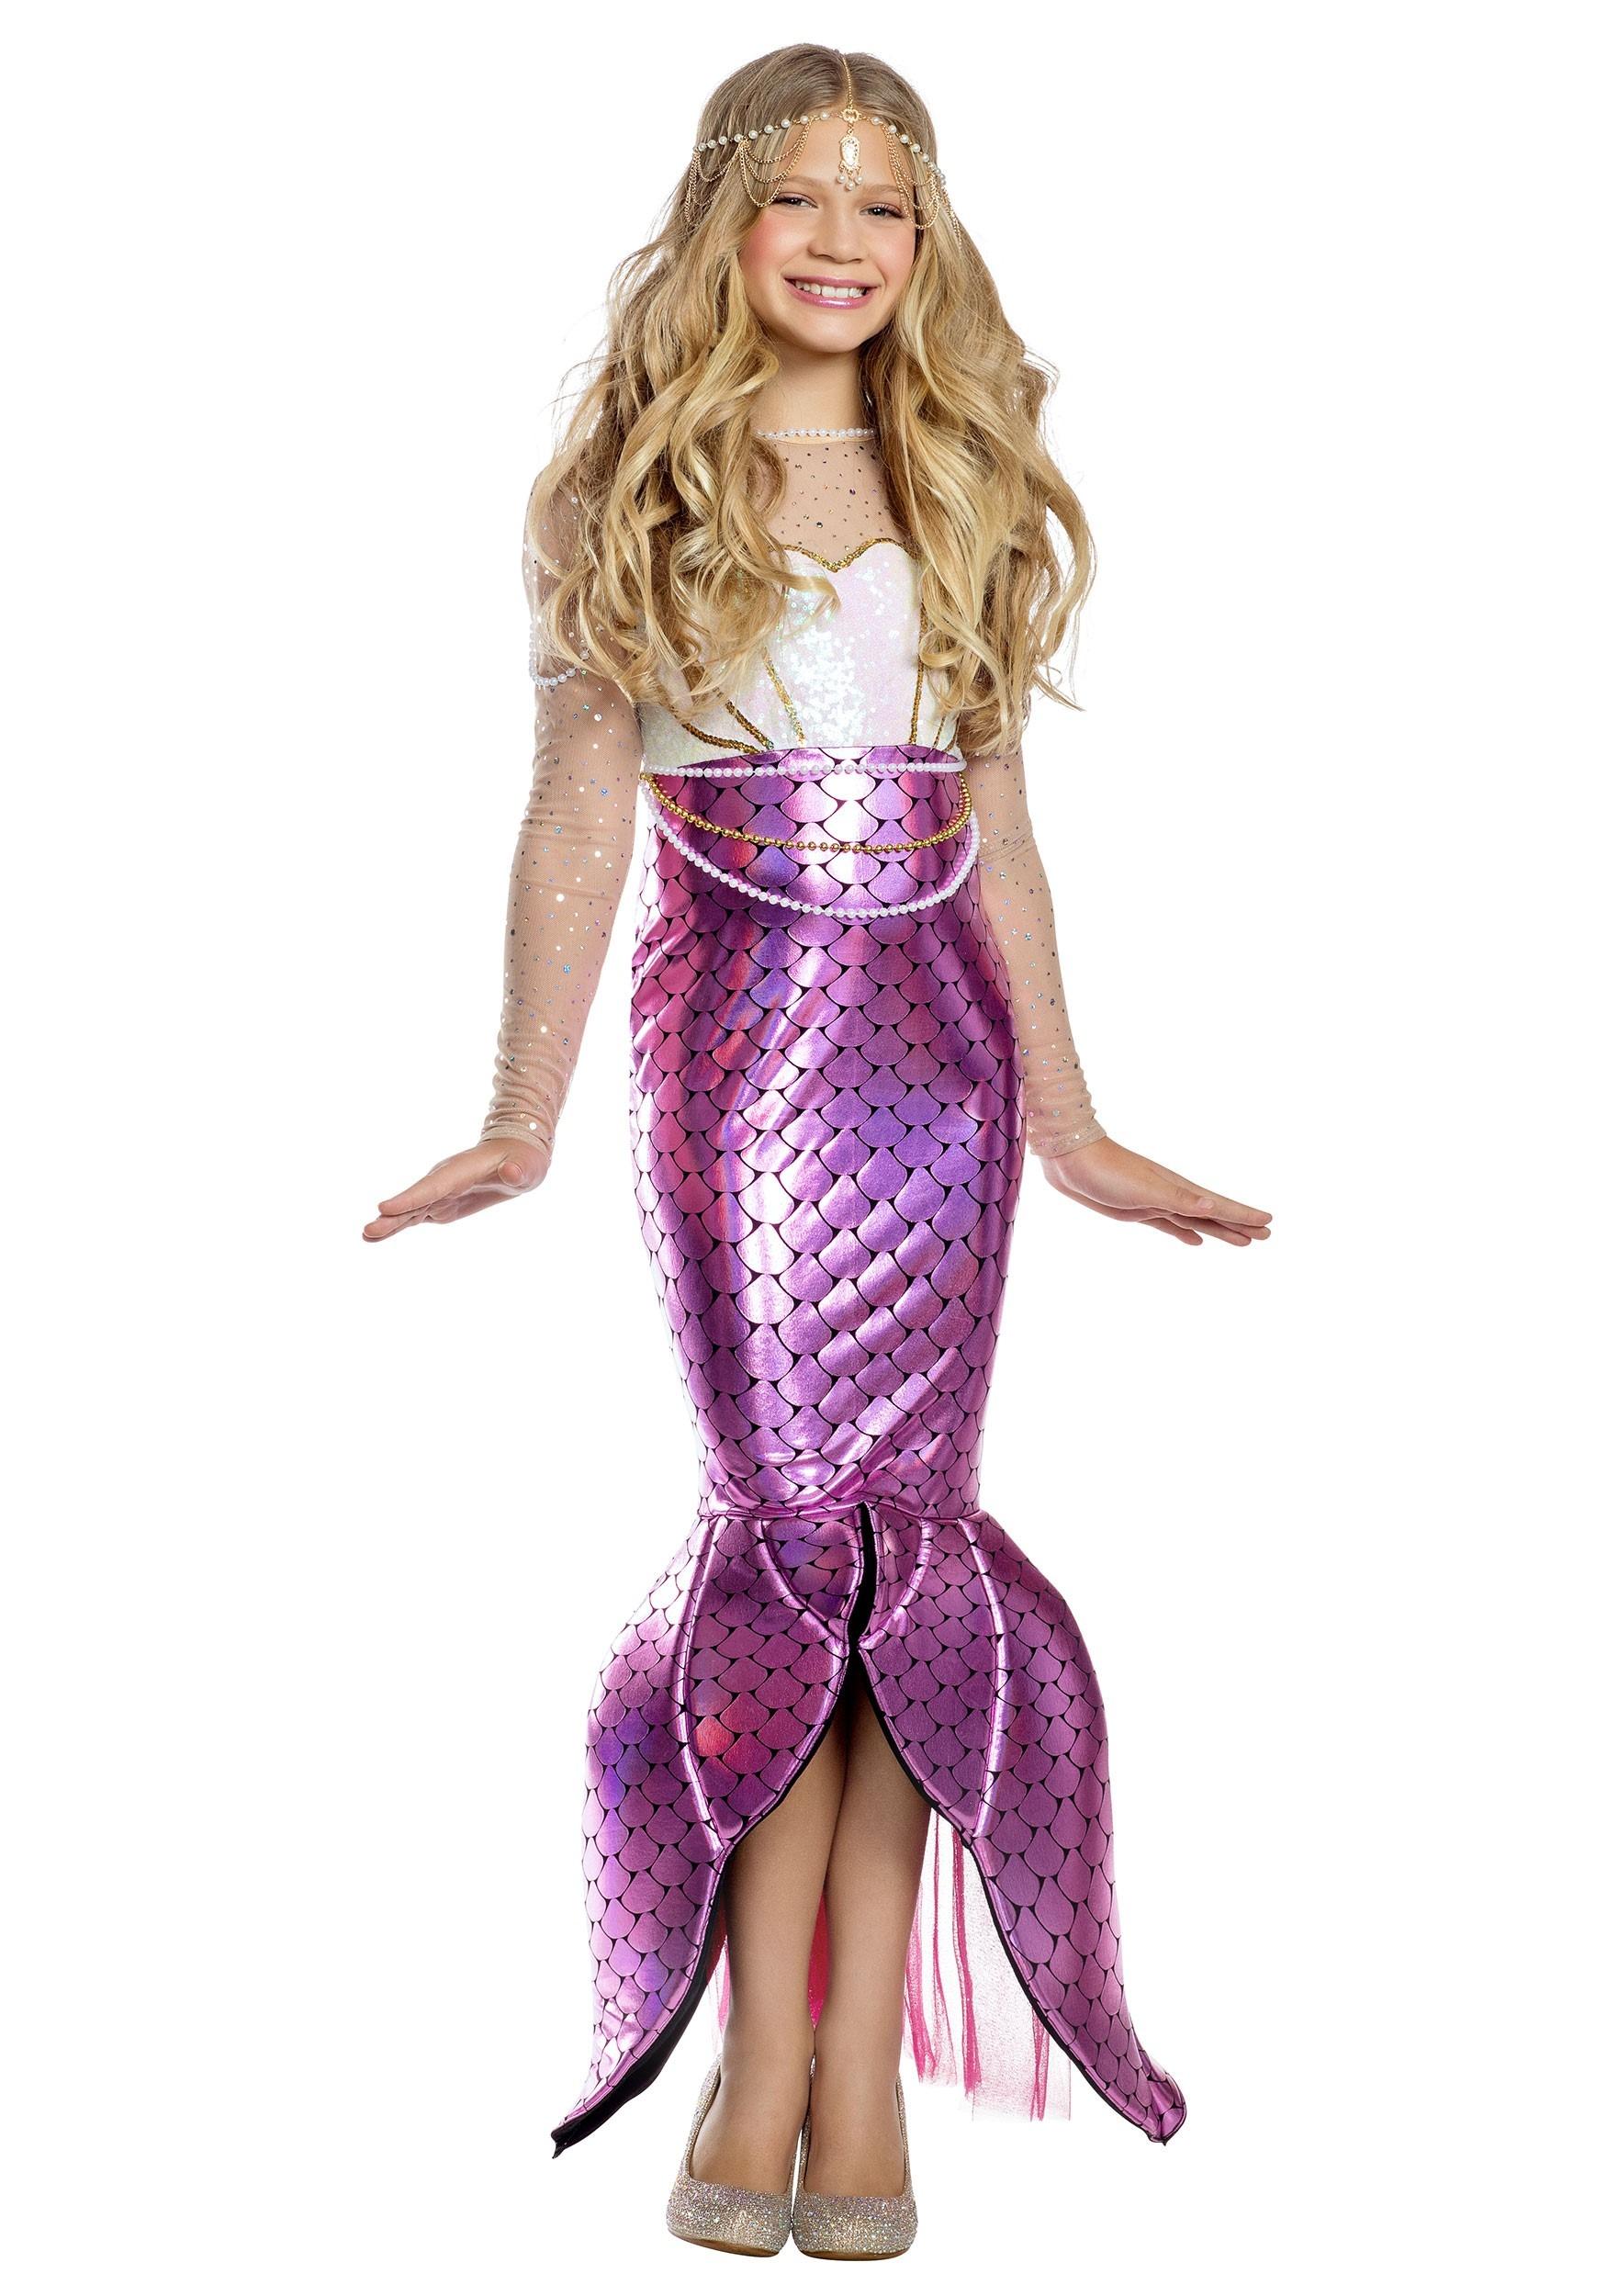 Blushing Beauty Mermaid Girl S Costume